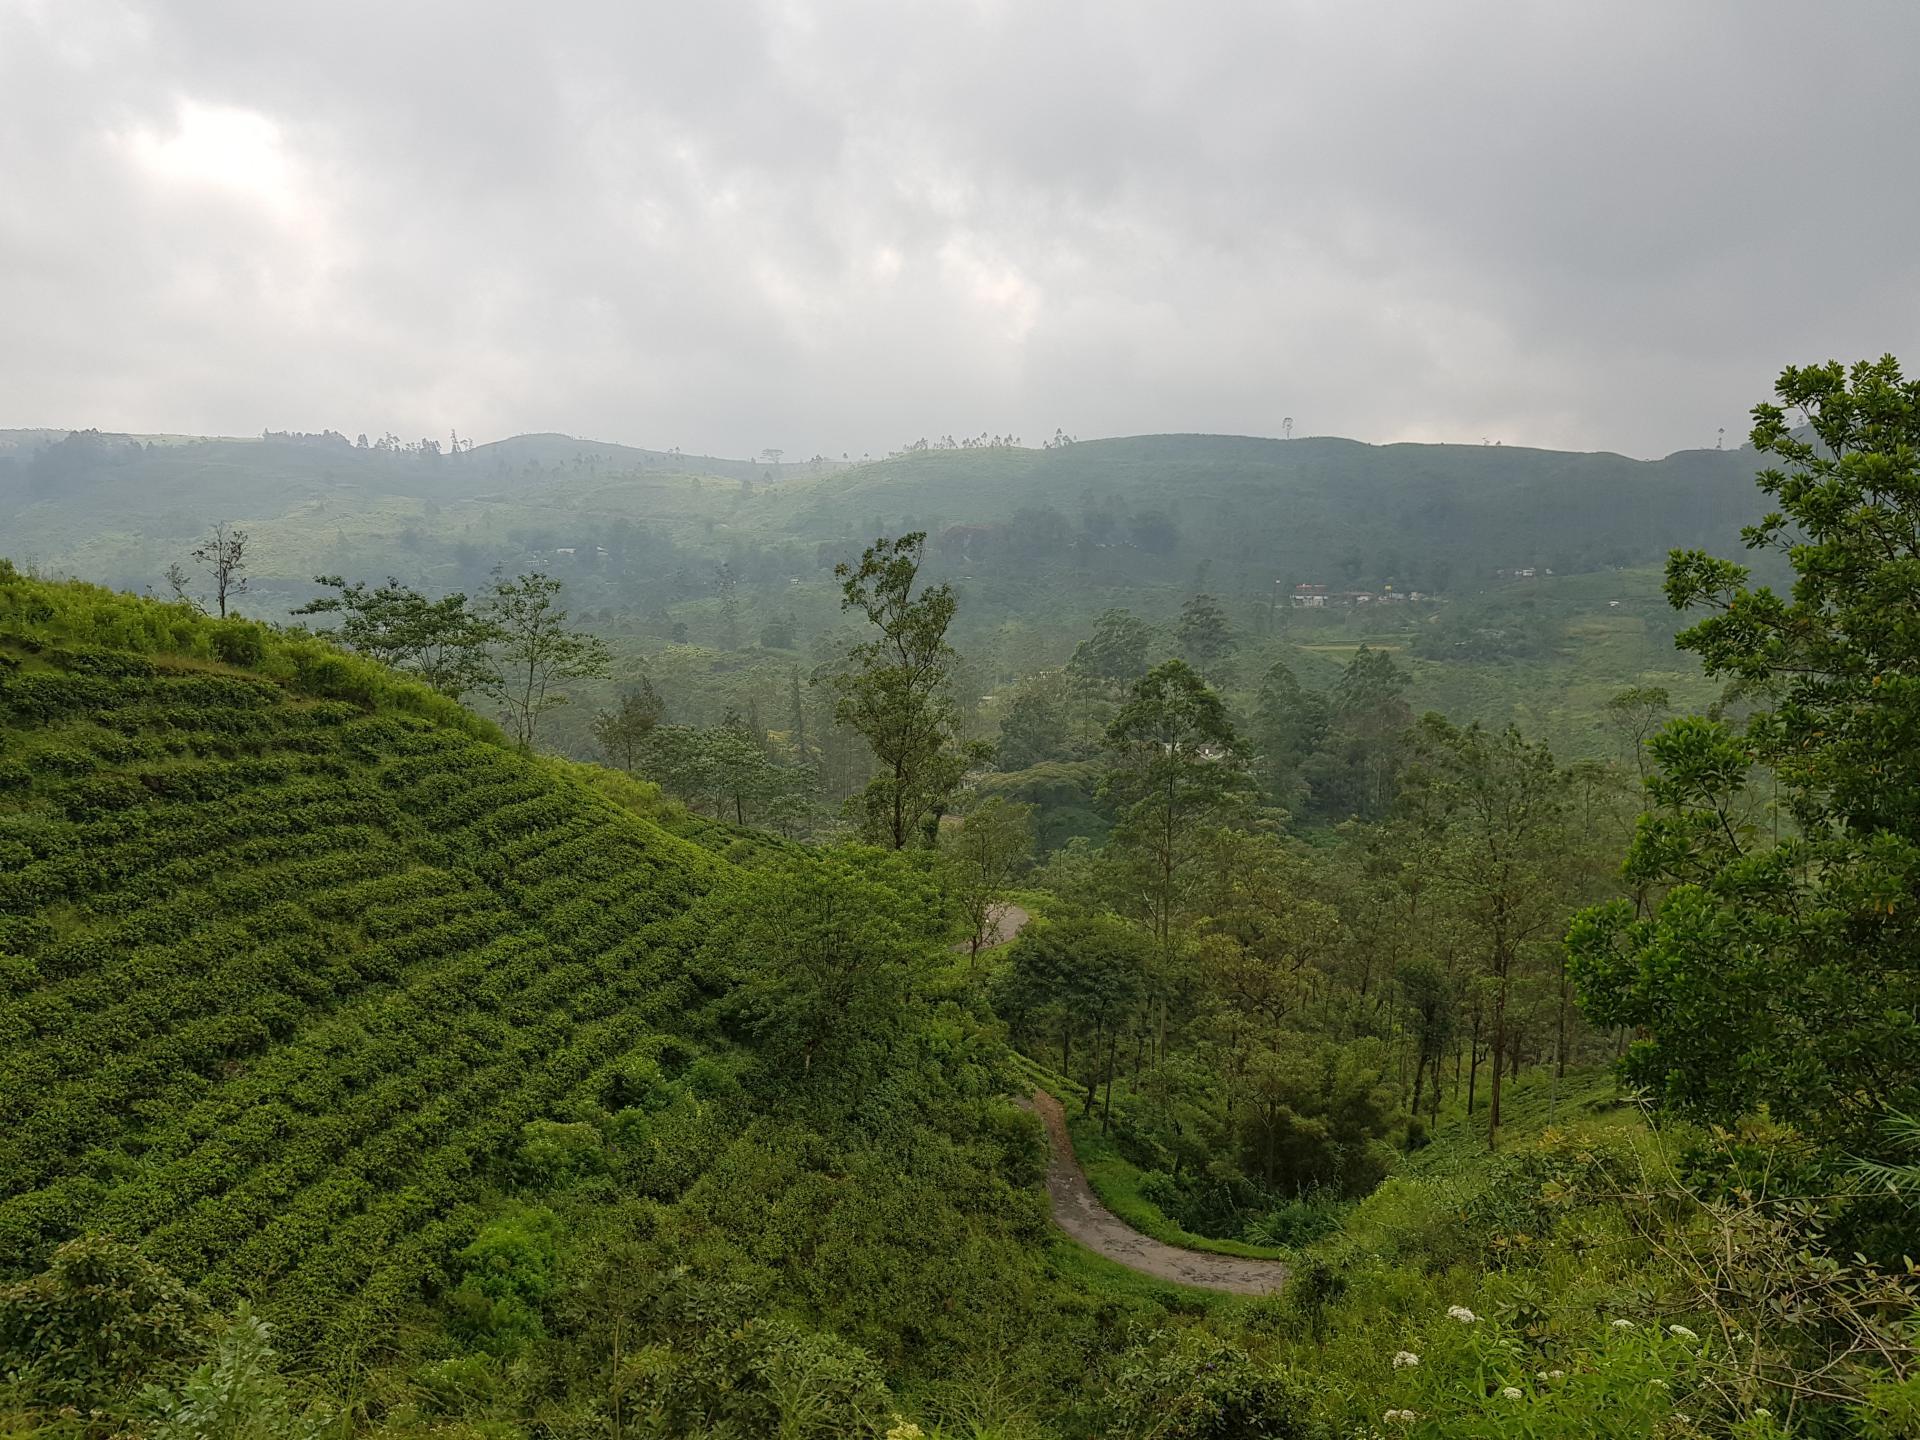 Чайные плантации на склонах холмов, Шри-Ланка